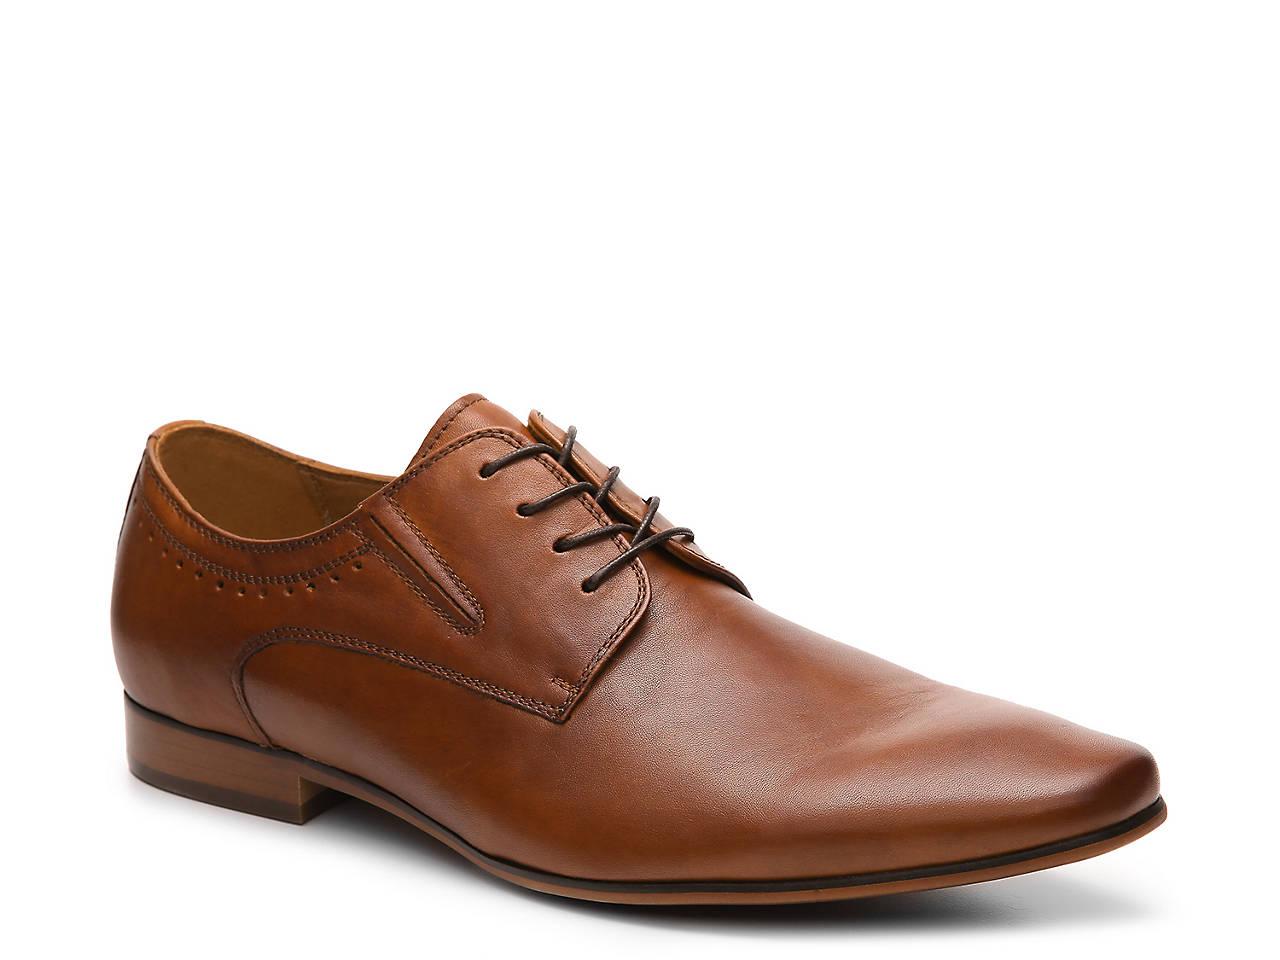 Cognac Dress Shoes Dsw